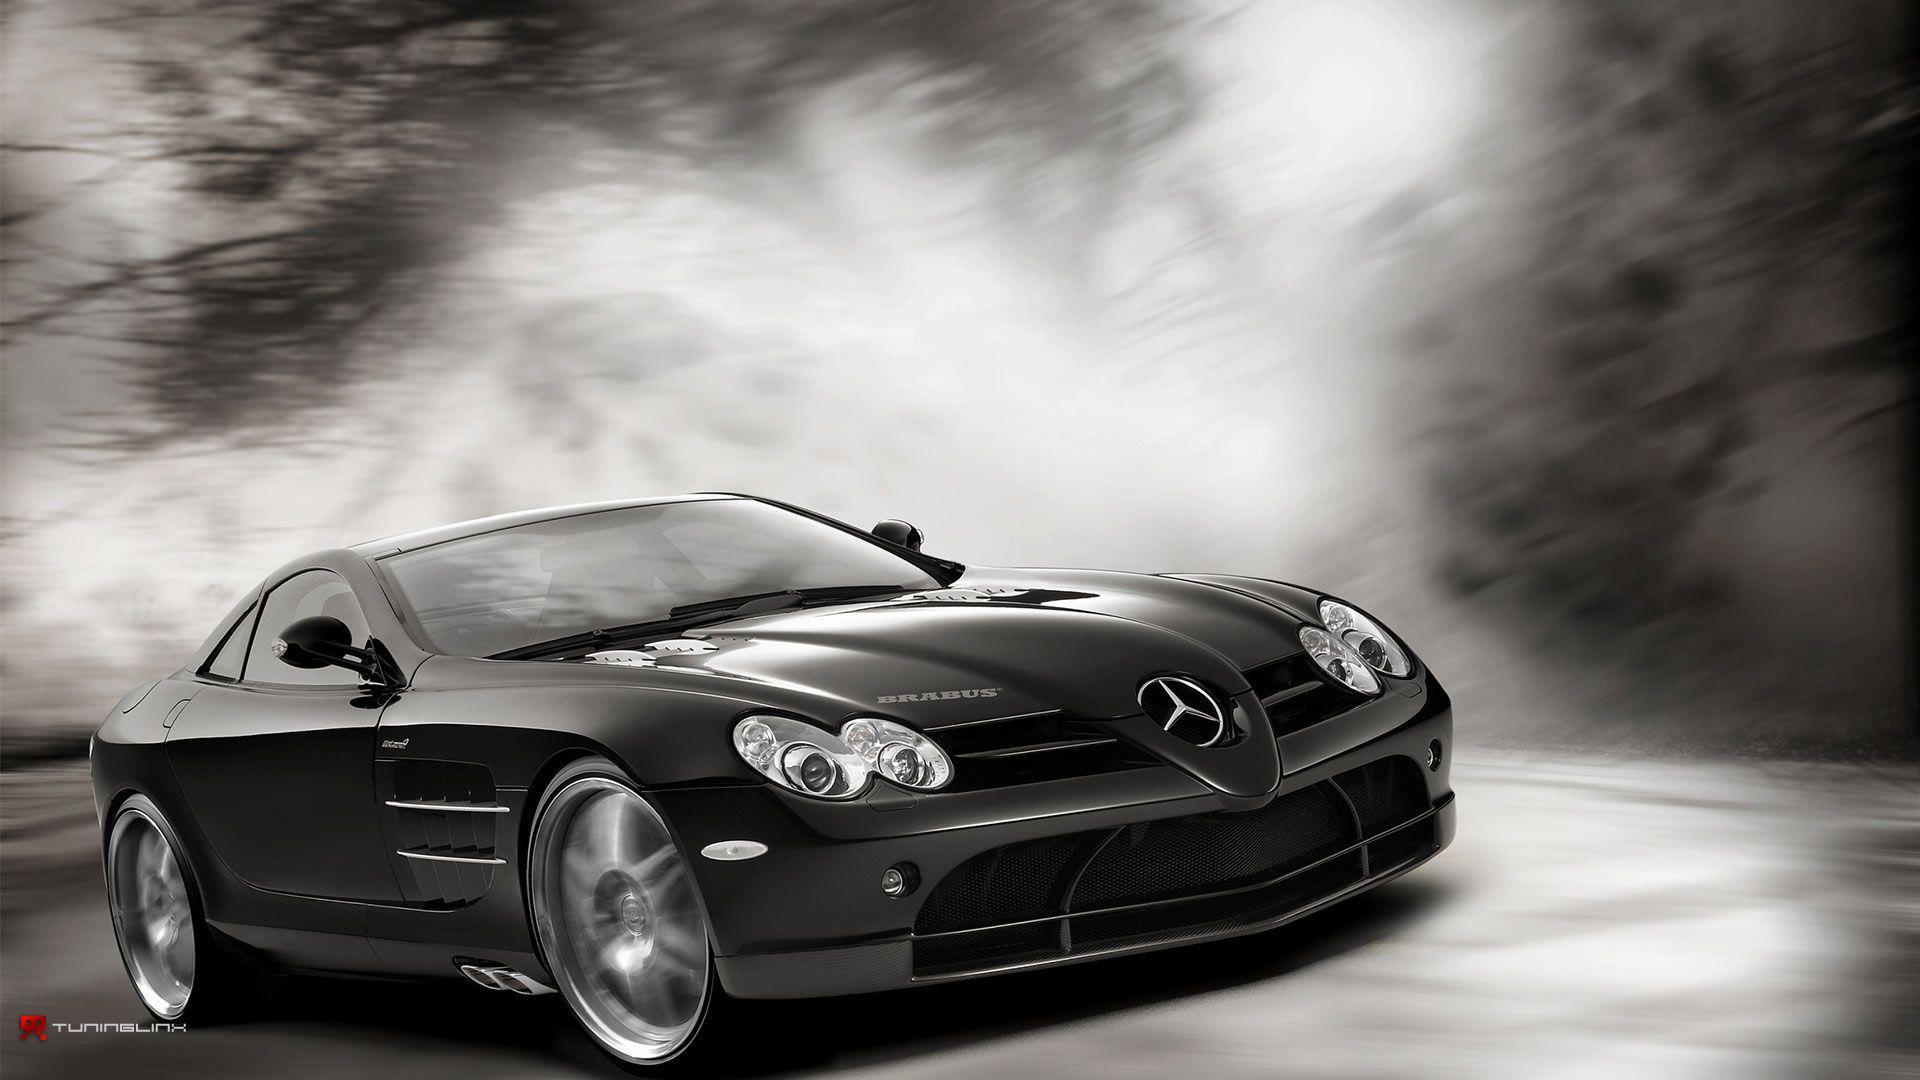 Mercedes Car Wallpapers - Wallpaper Cave